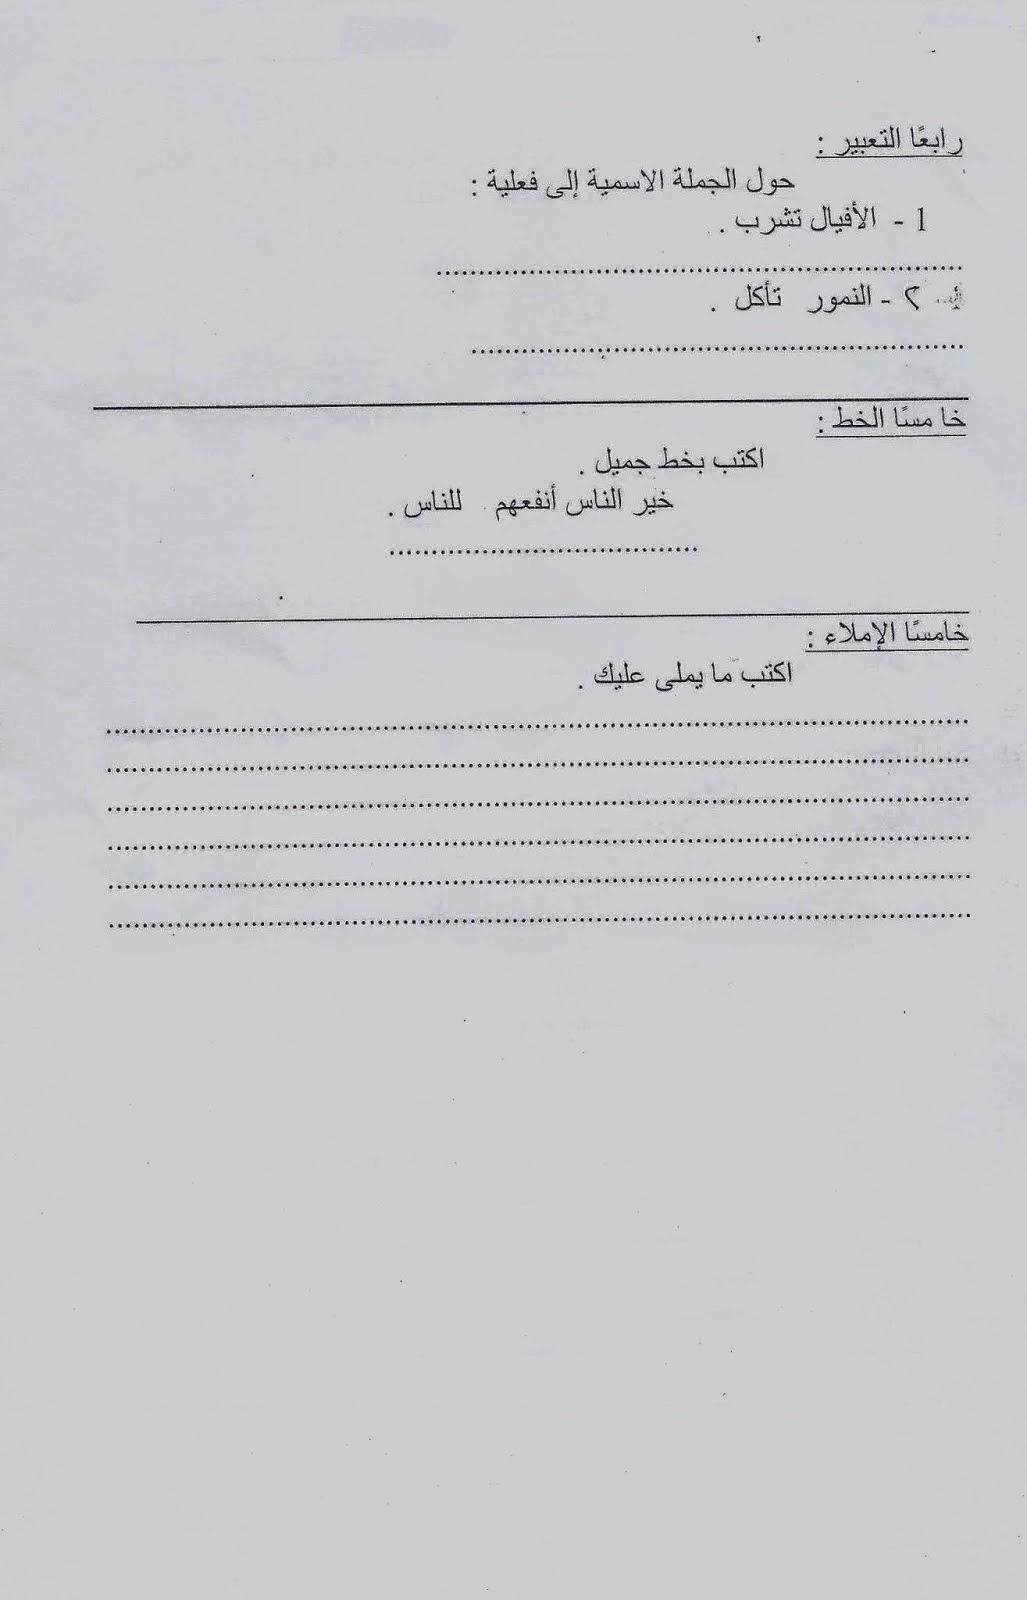 امتحانات كل مواد الثاني الابتدائي الترم الأول 2015 مدارس مصر عربى ولغات scan0071.jpg